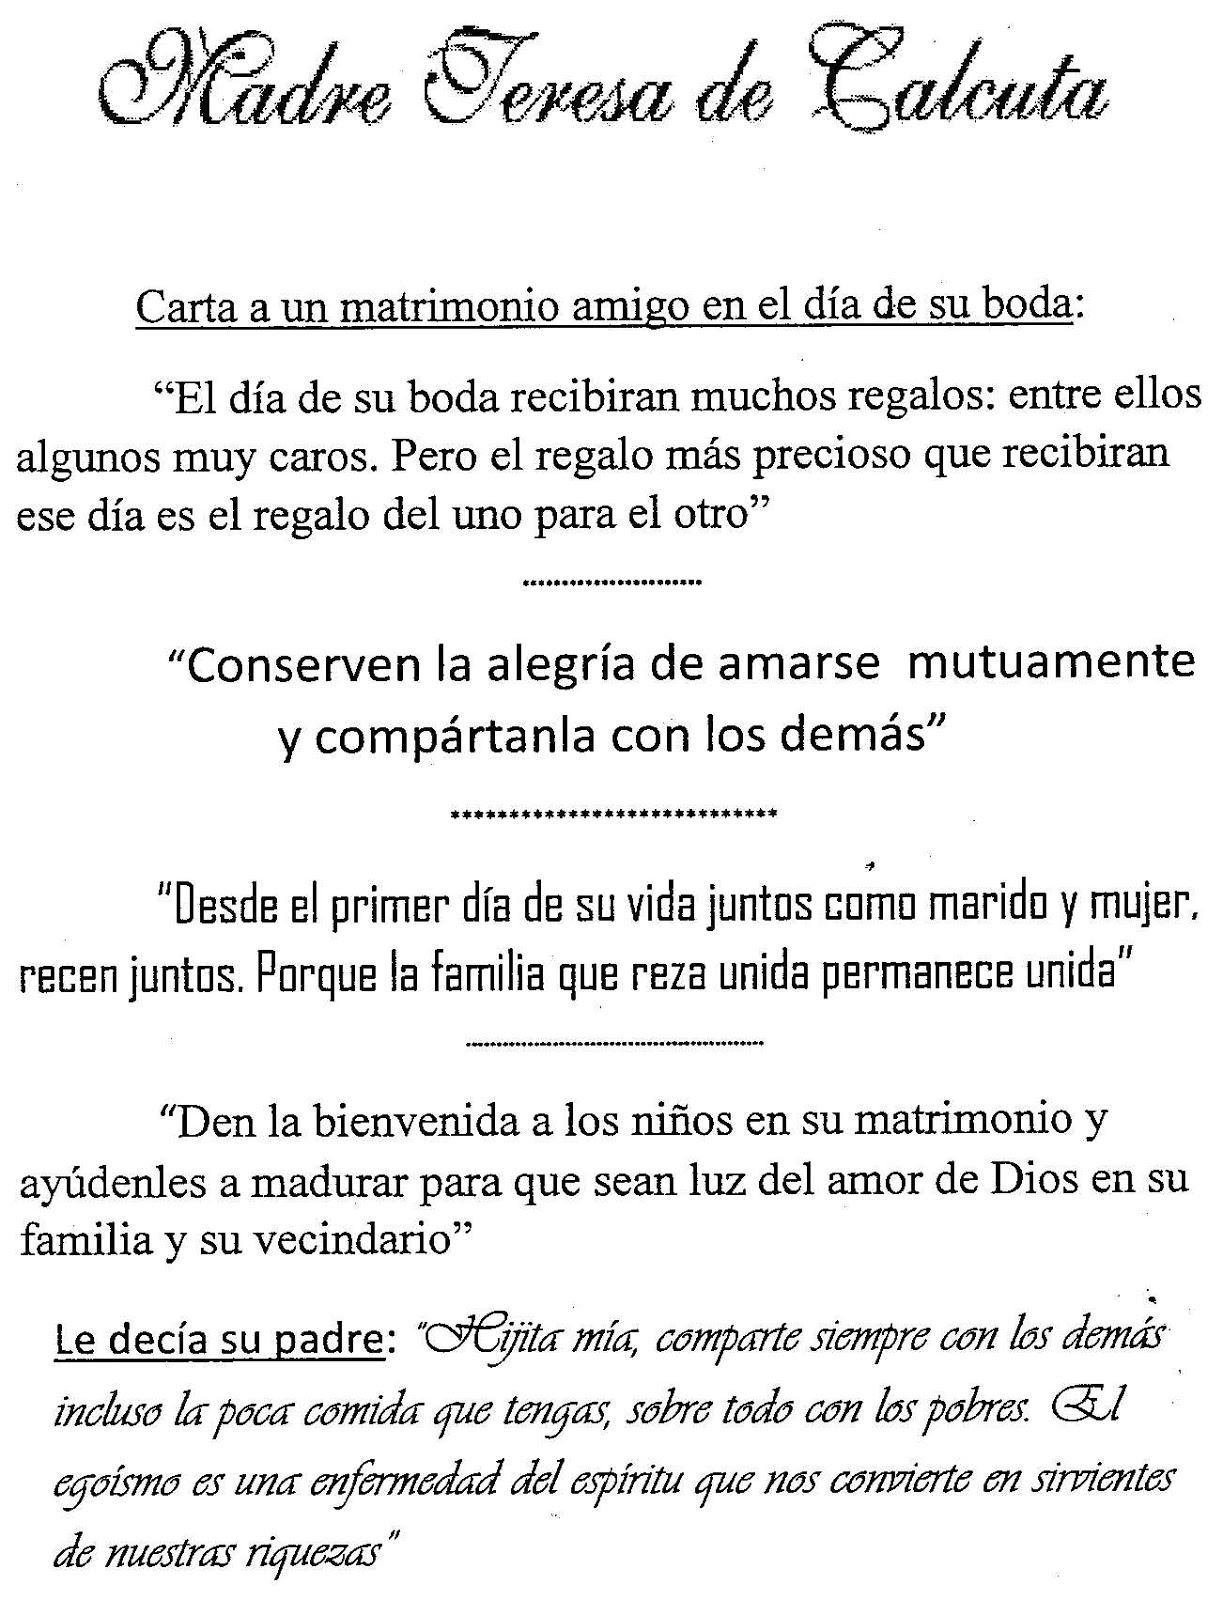 Frases Madre Teresa De Calcuta Sobre La Mujer Texto Para